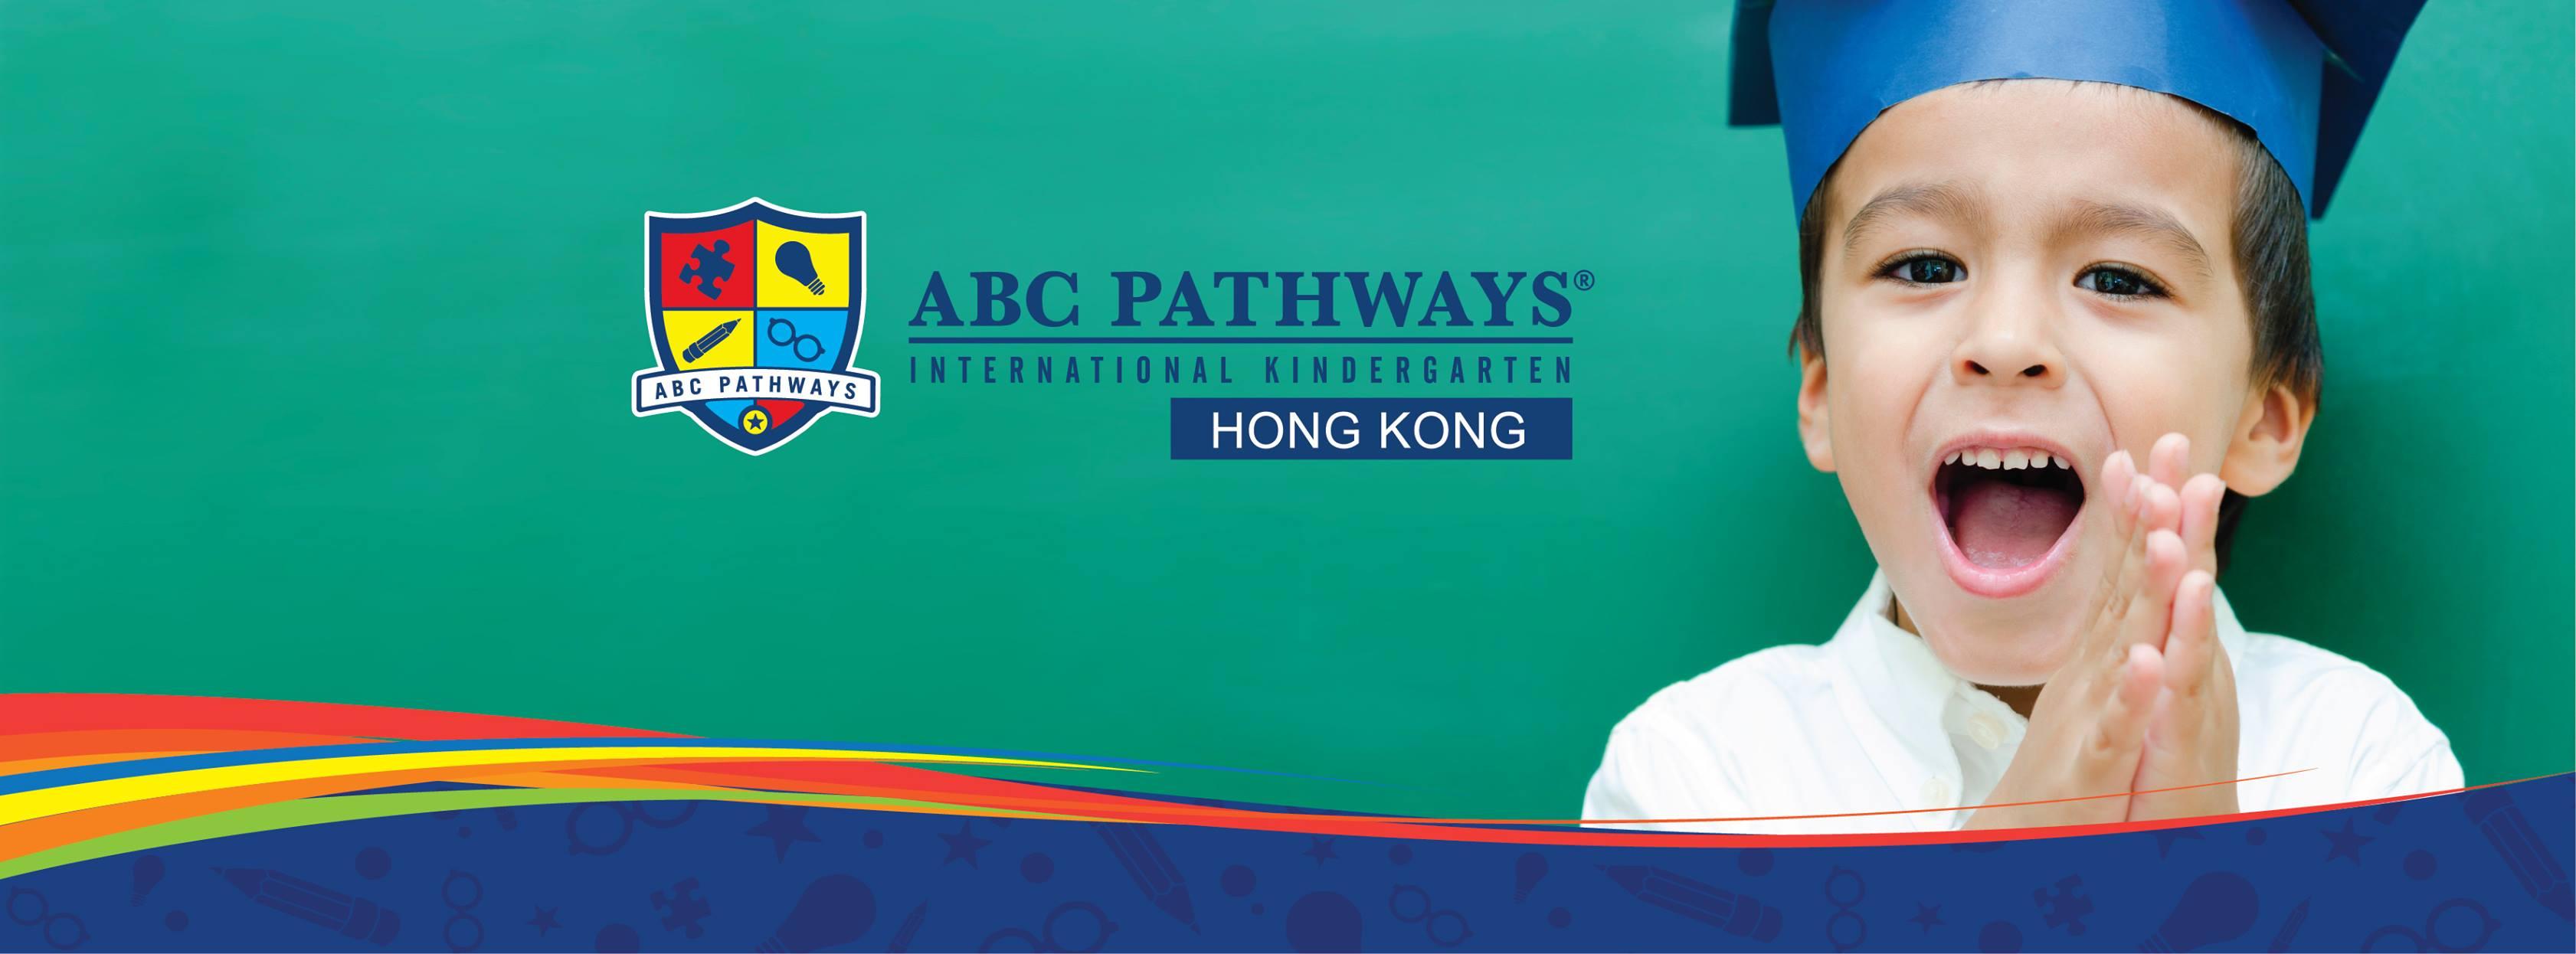 ABC Pathways School